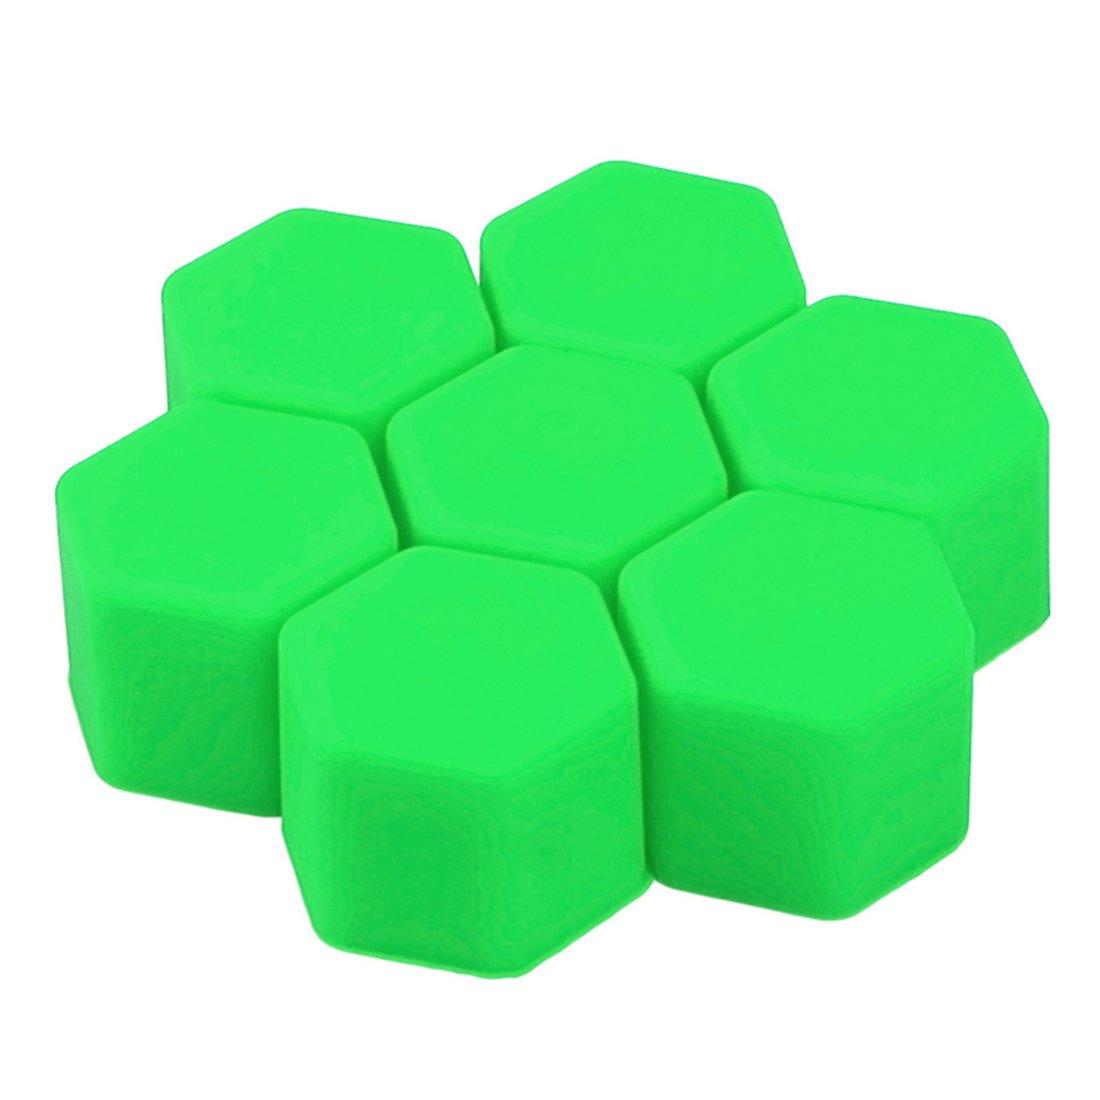 20 unidades Andux Zone LSBHT-01 Tapas de silicona para tornillos de llantas